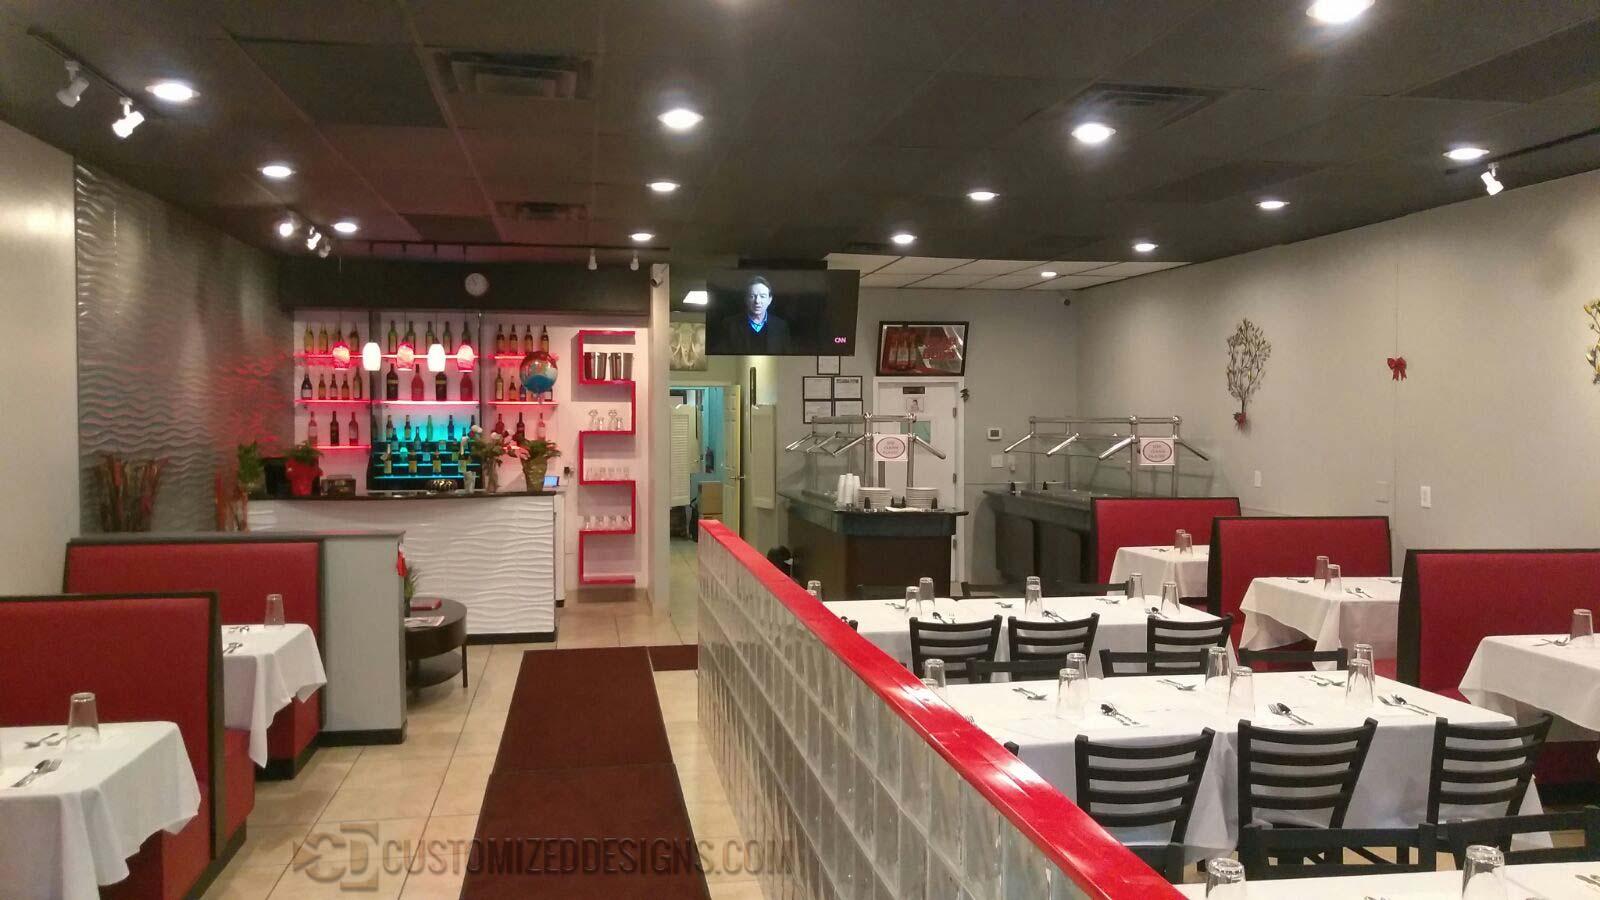 Restaurant Bar Shelving